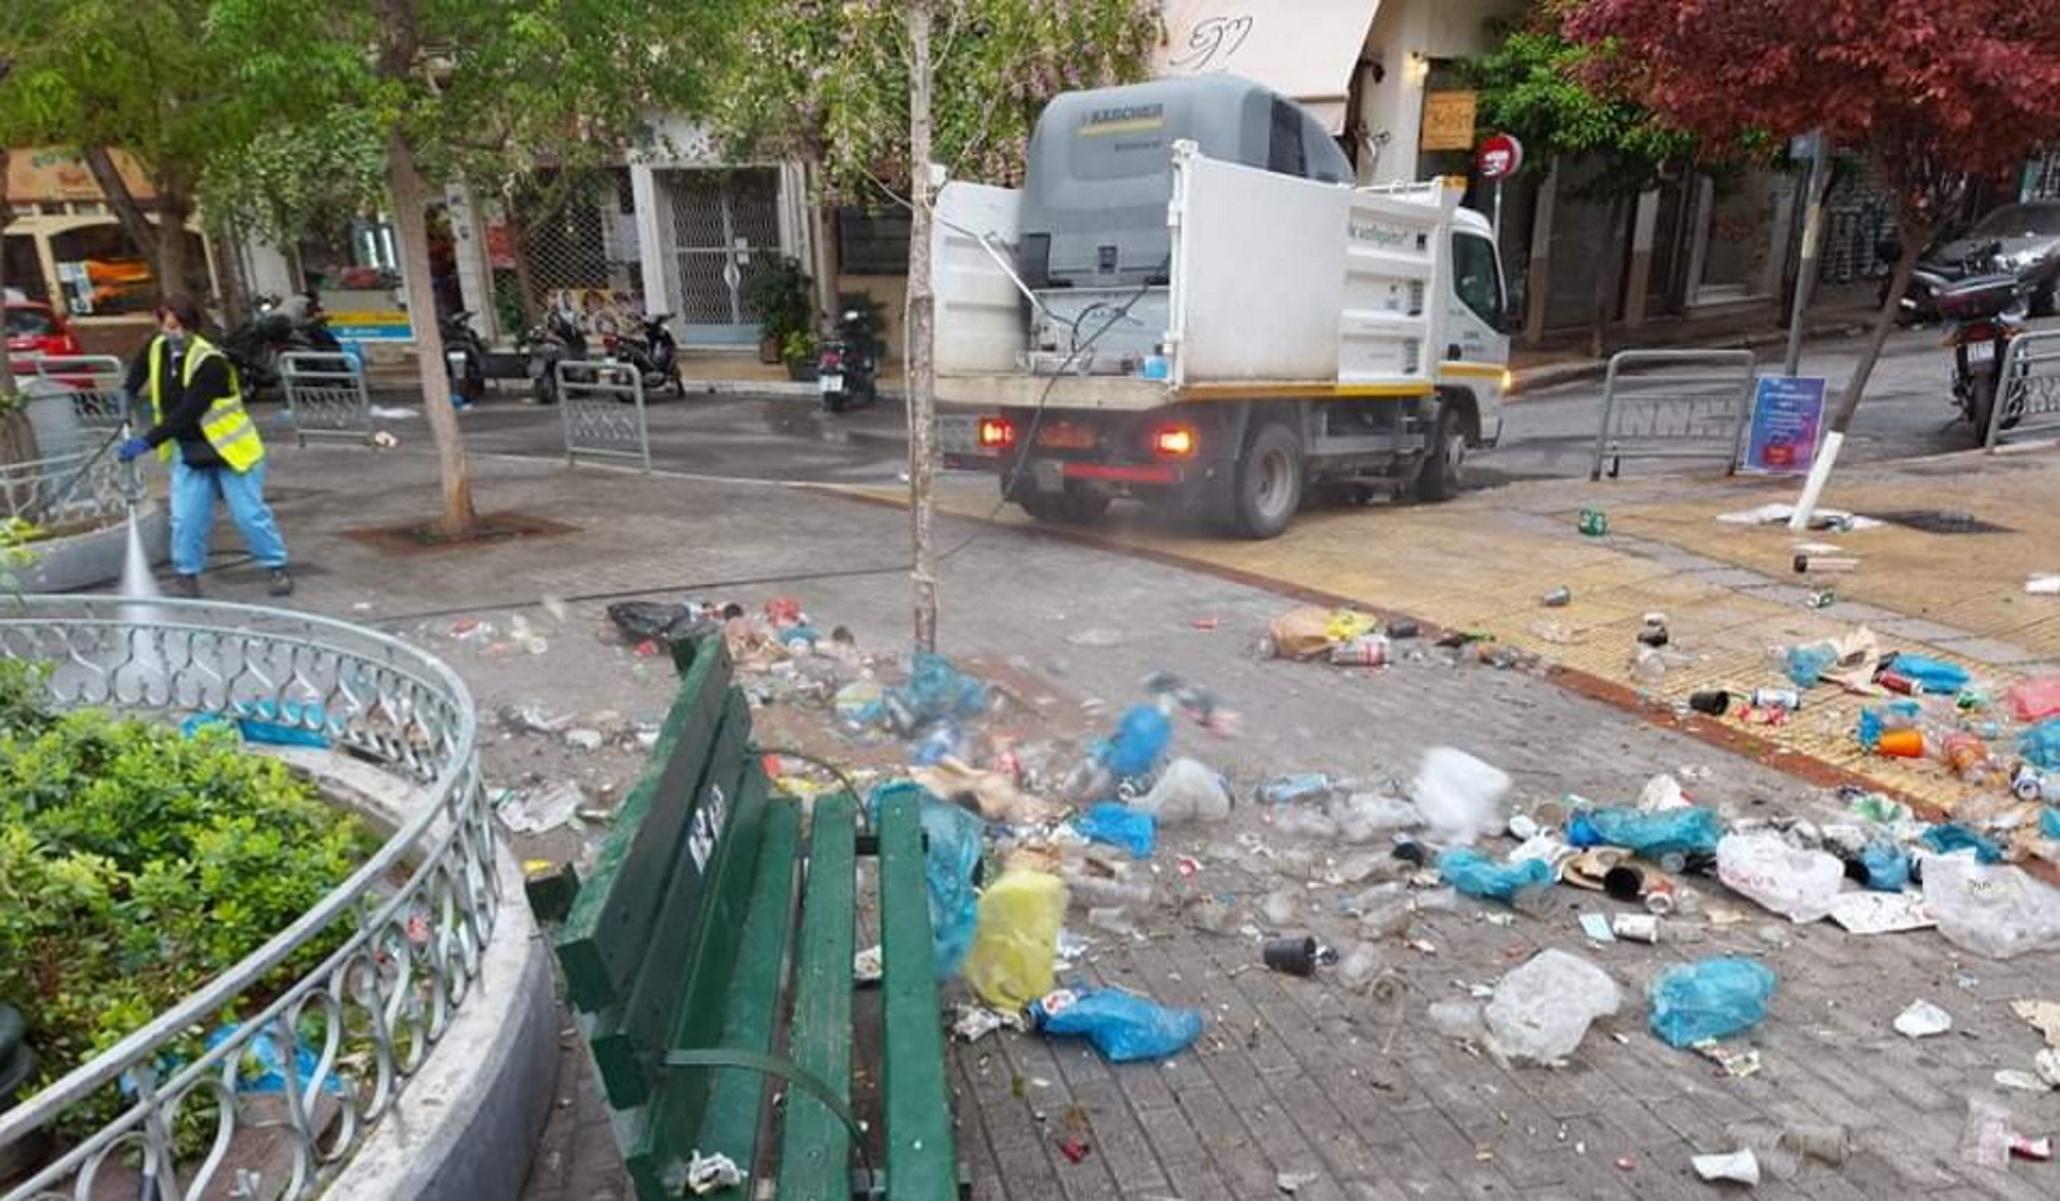 Κυψέλη: Έλαμψε πάλι – Μαζεύτηκαν 50 σακούλες  σκουπιδιών, «ενθύμια» του ξέφρενου κορονοπάρτι (pics)